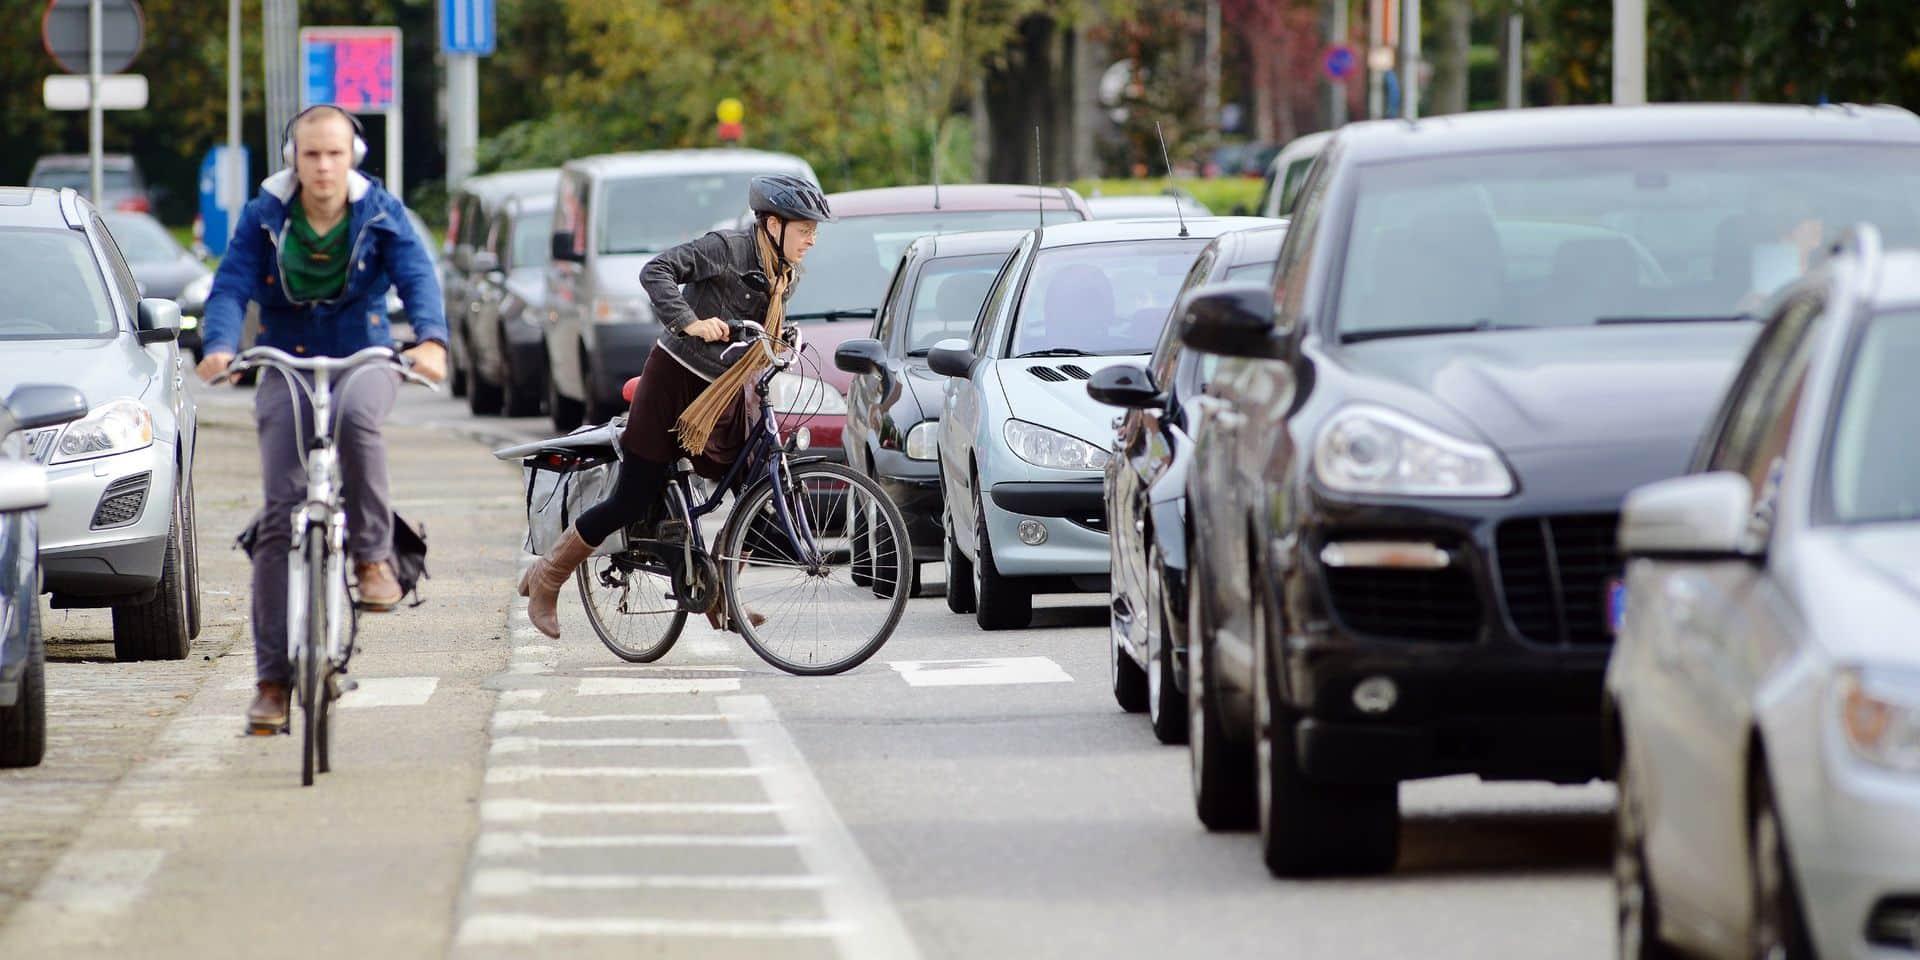 C'est prouvé, les embouteillages sont générateurs de mal-être